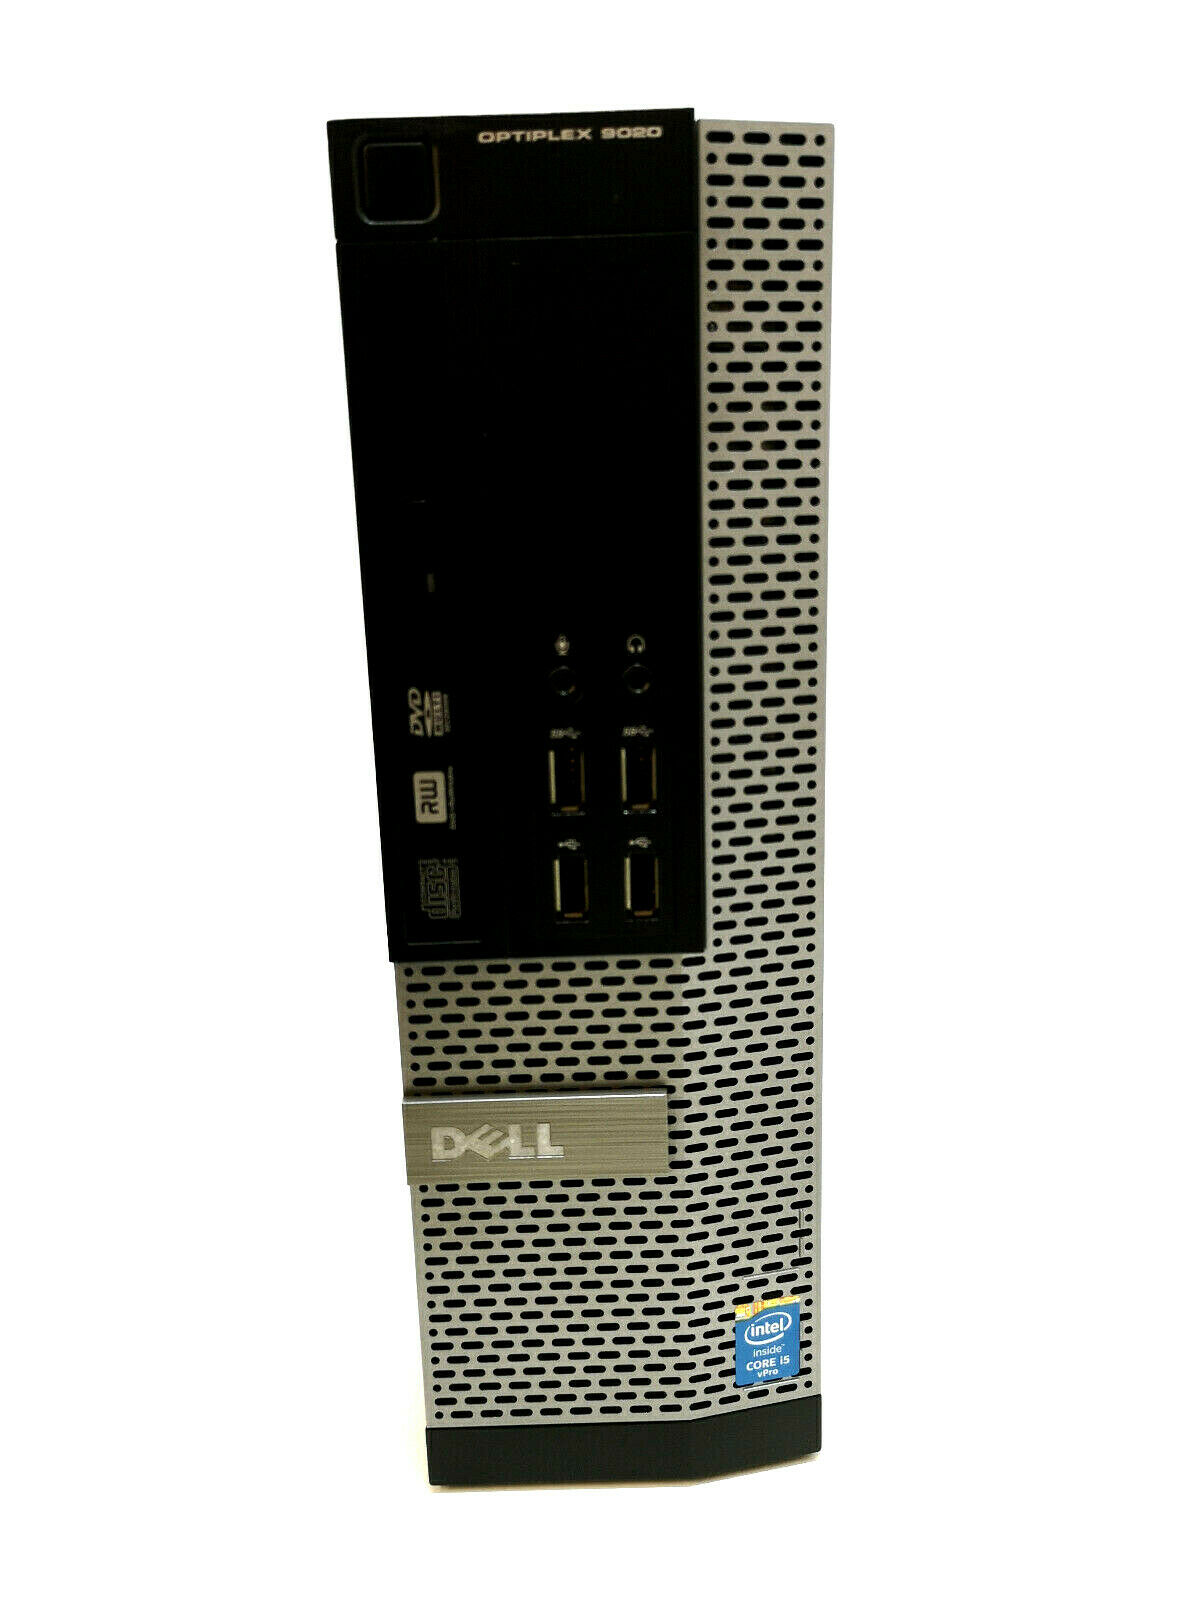 Dell Optiplex 9020 SFF No 3